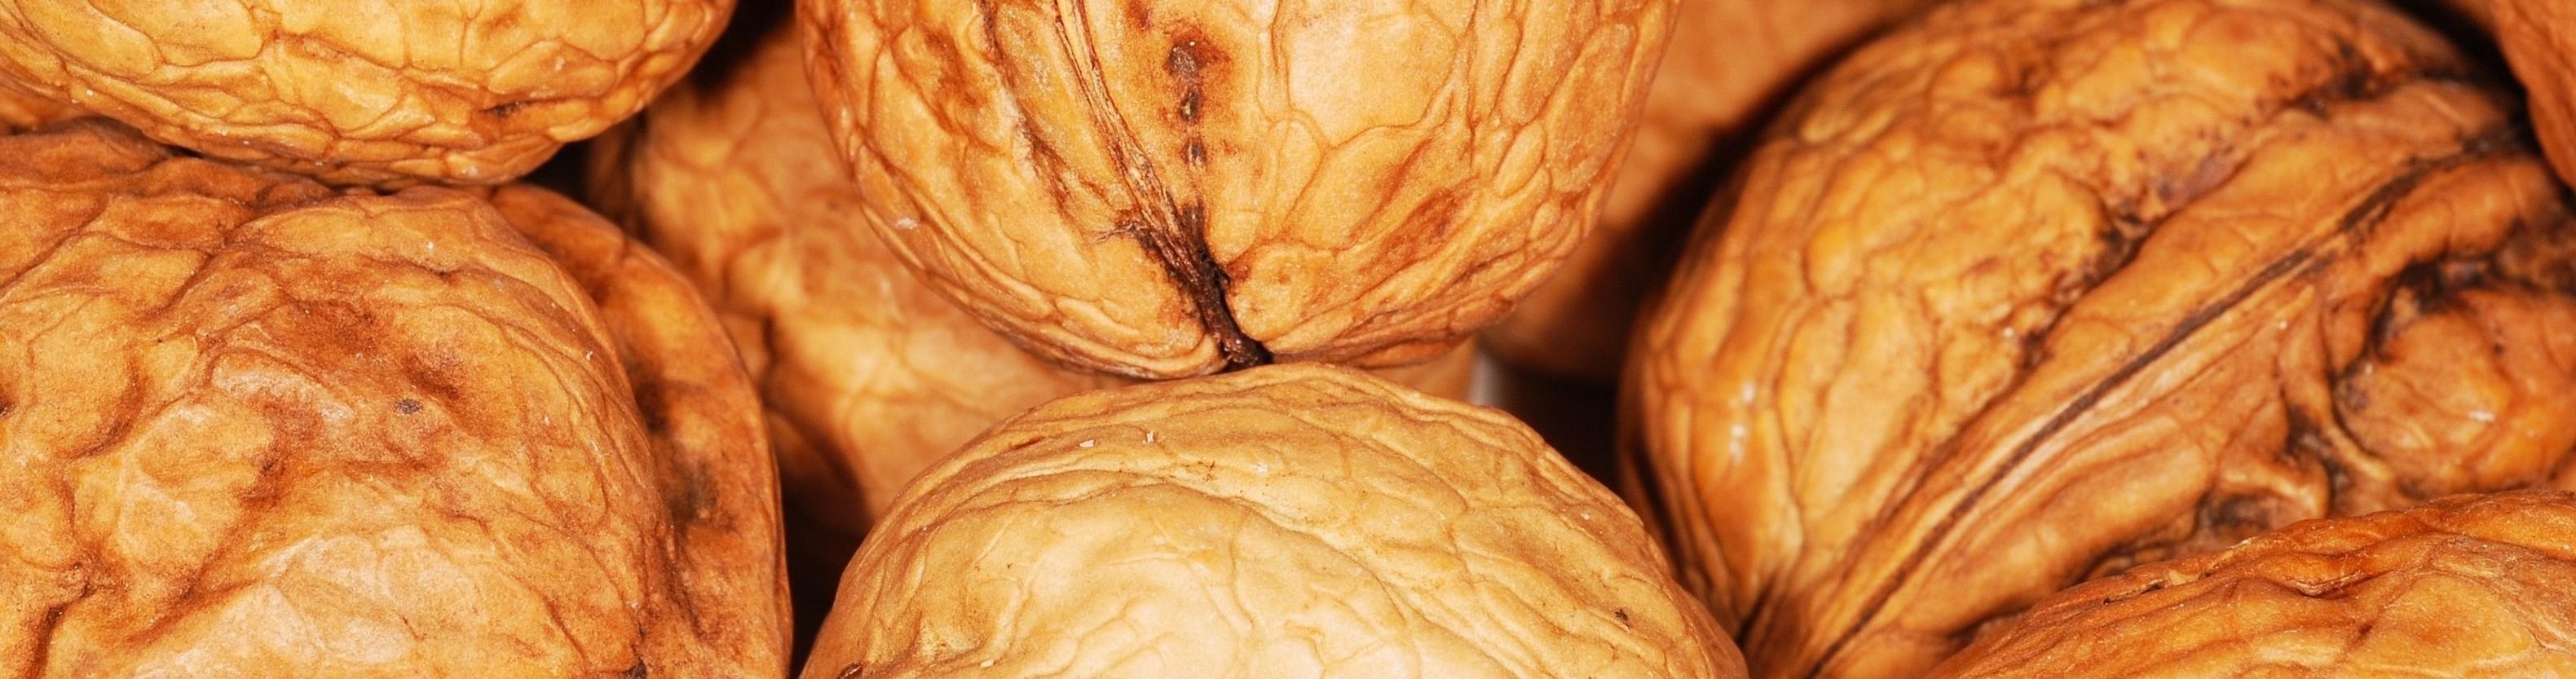 15 nuts walnut-101462